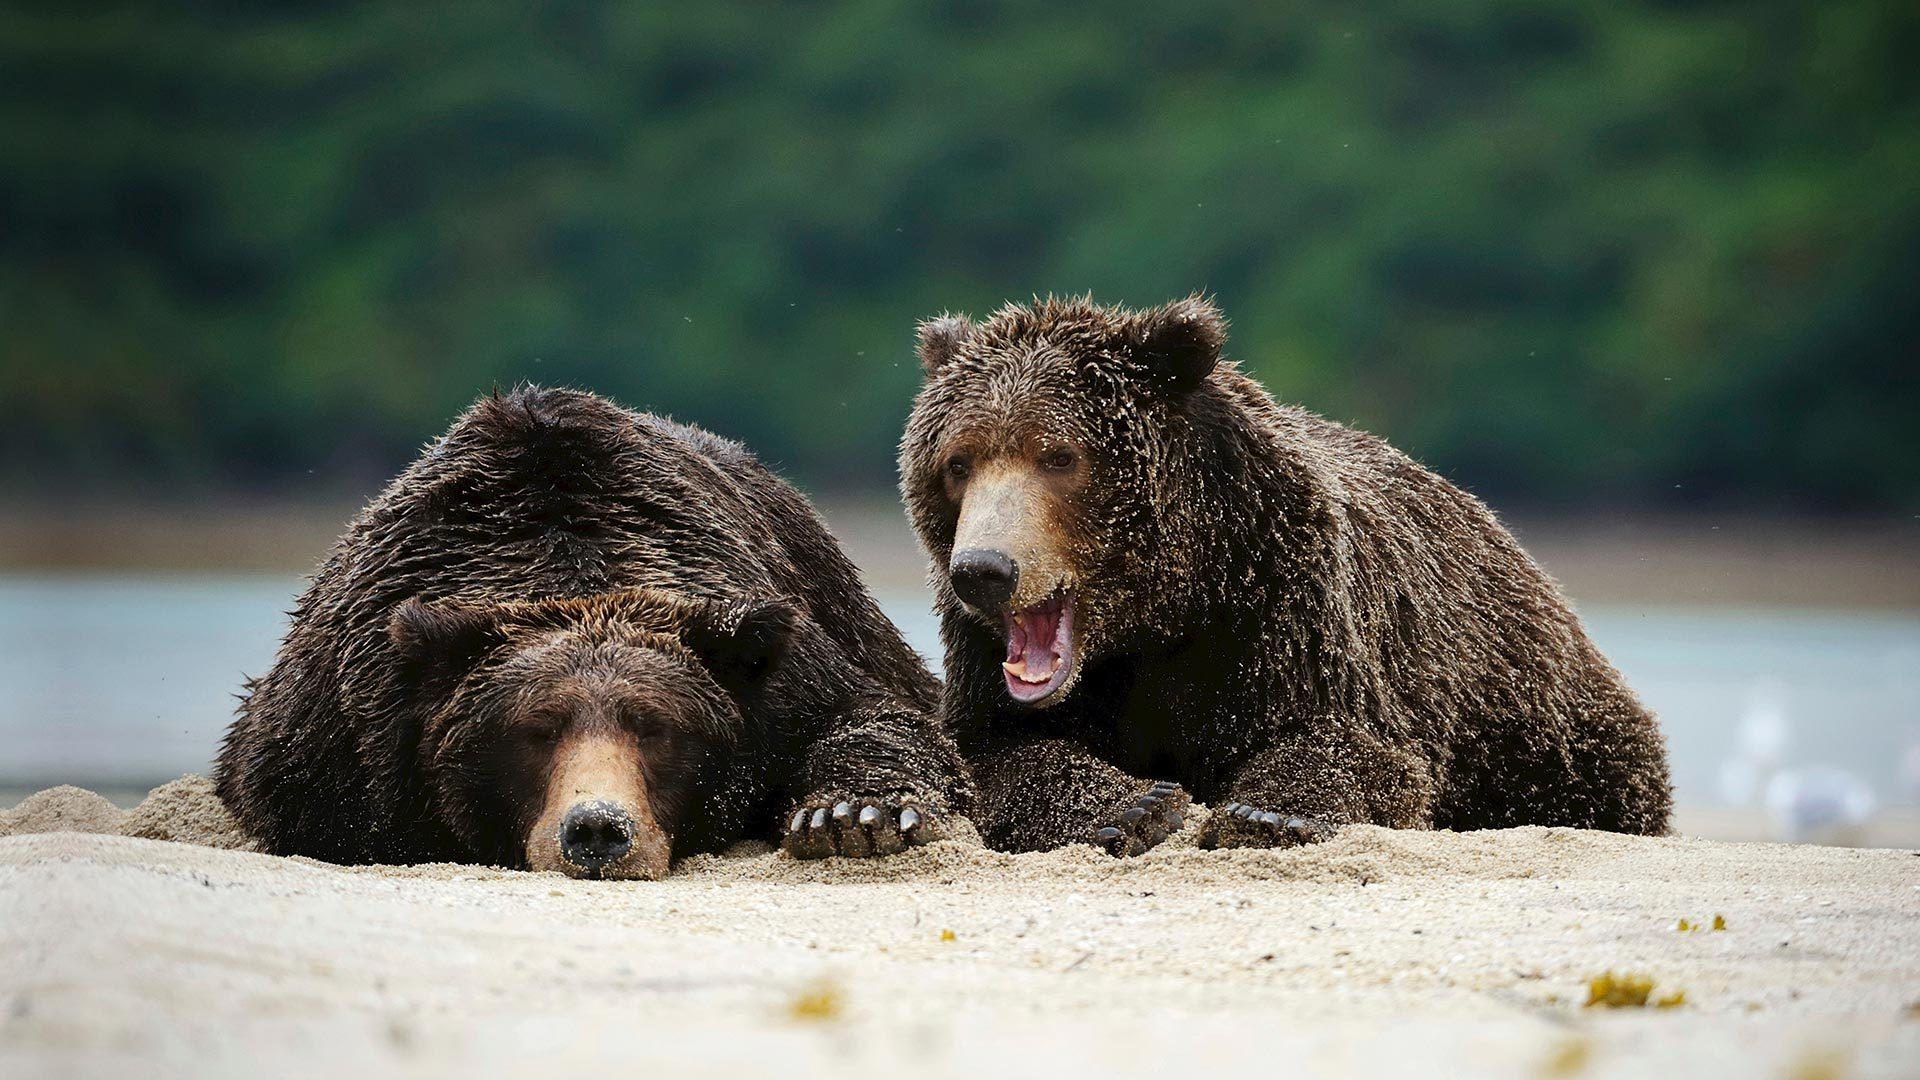 卡特迈国家公园里的棕熊